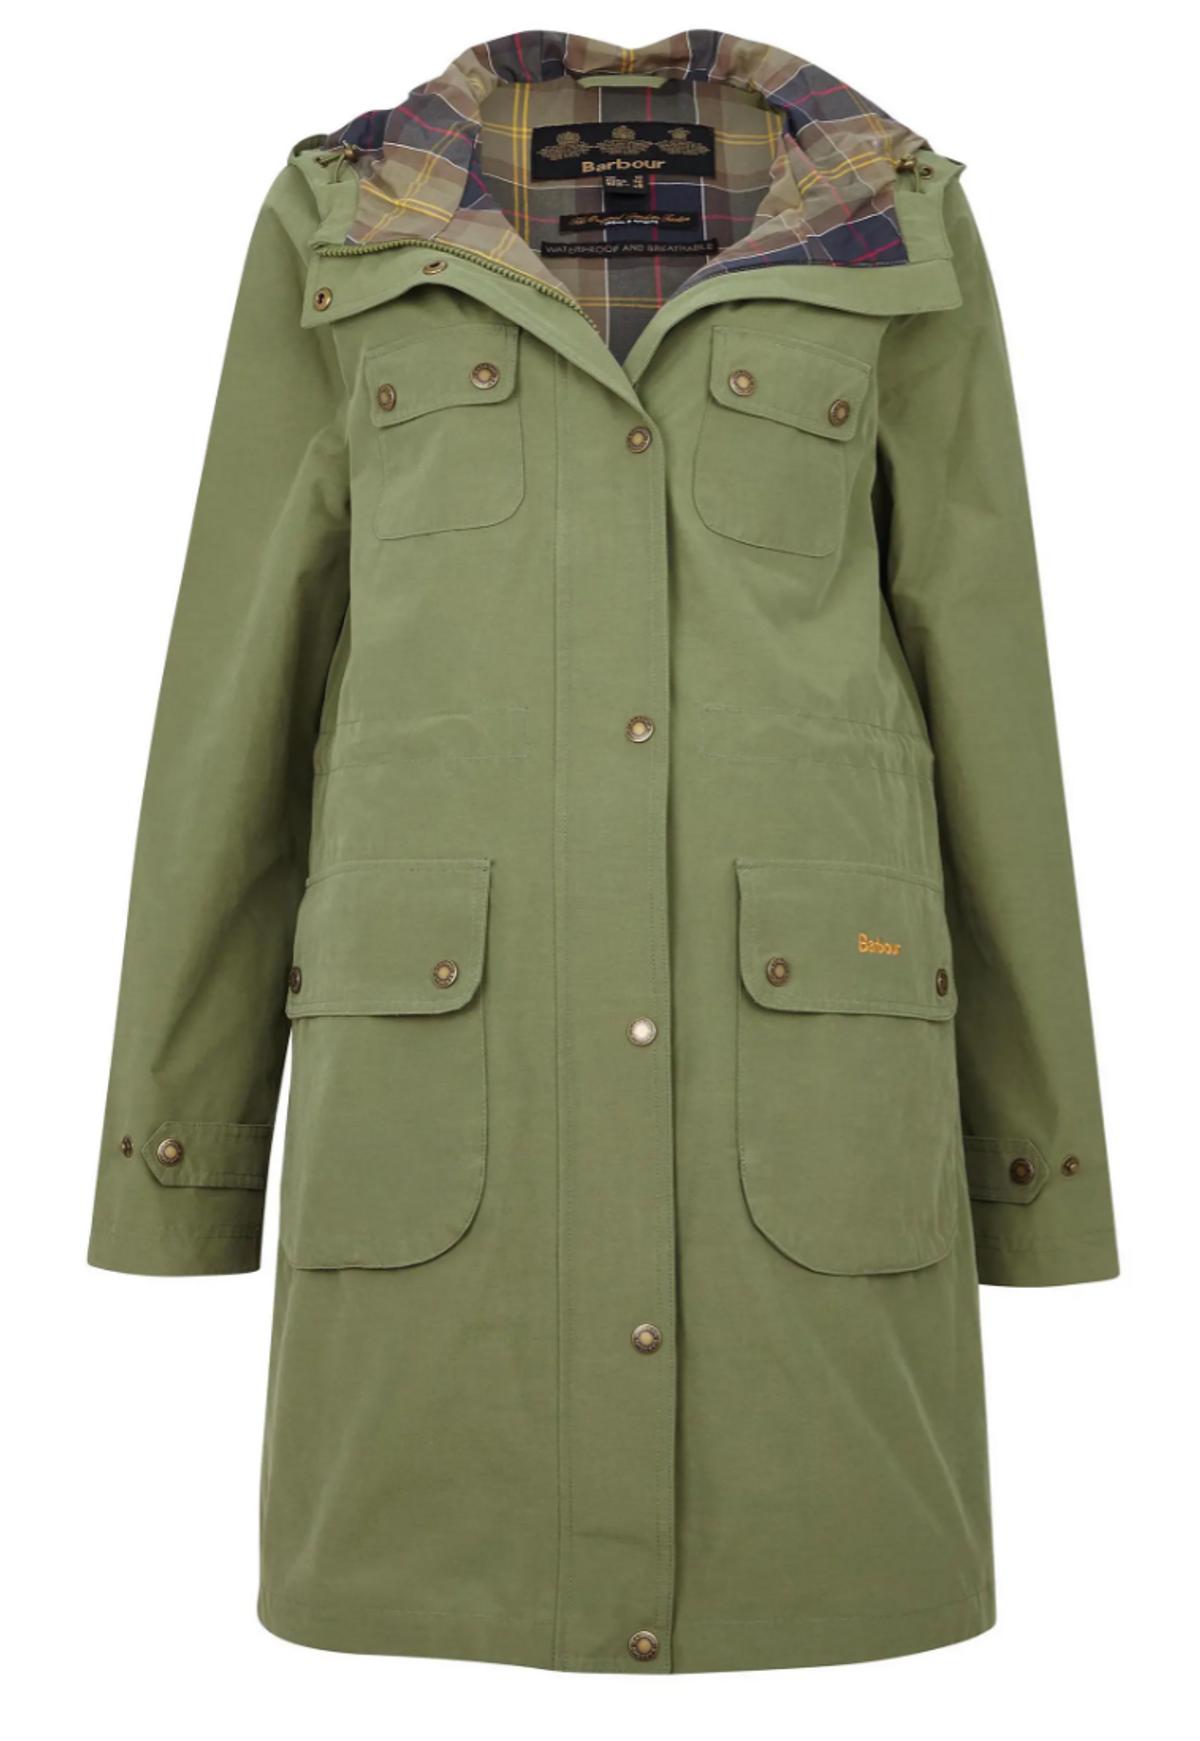 barbour idris waterproof hooded raincoat